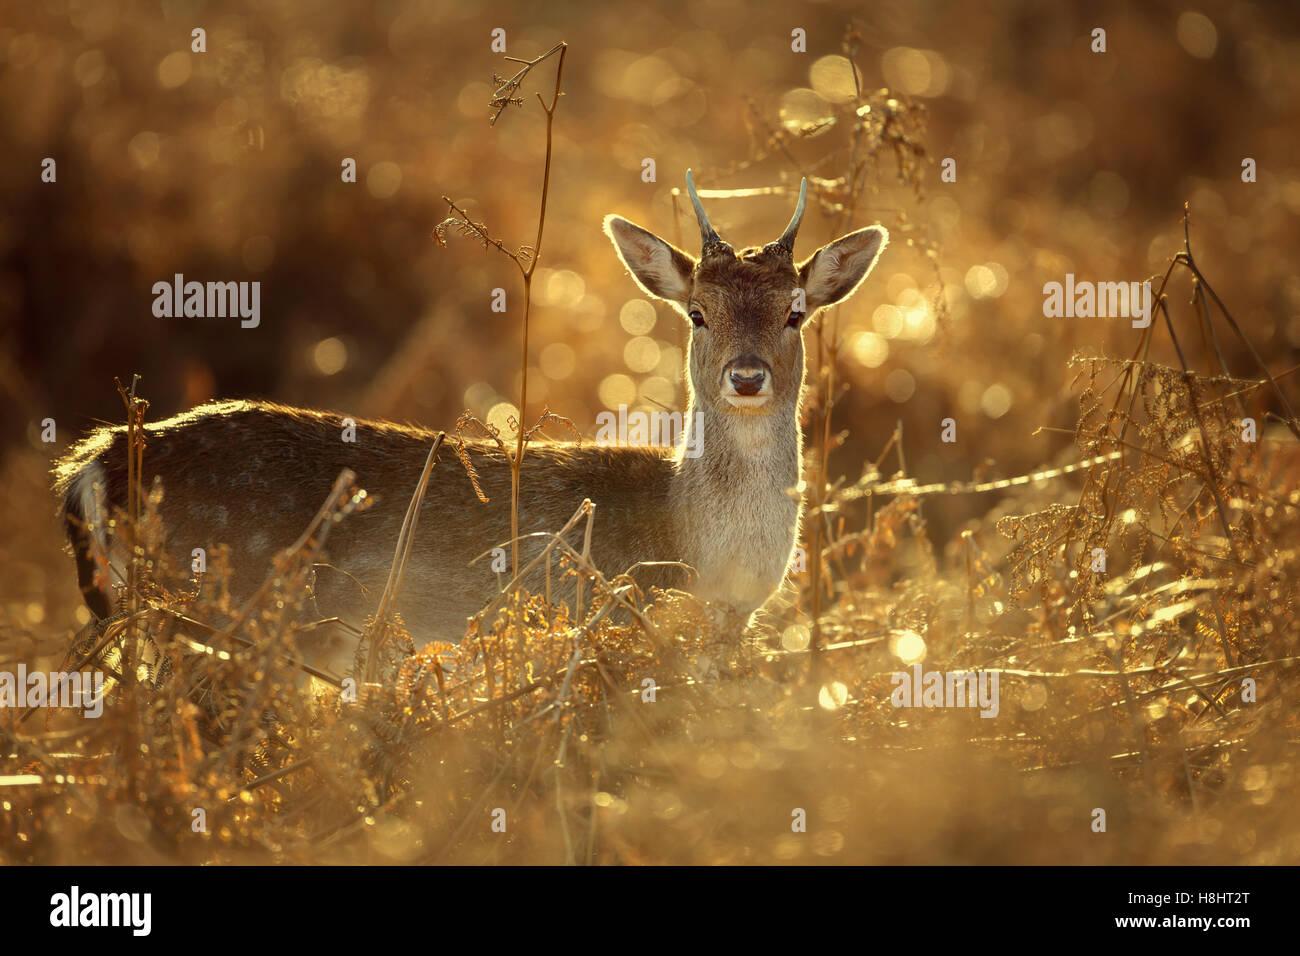 Les jeunes Daims buck dans la lumière d'or Photo Stock